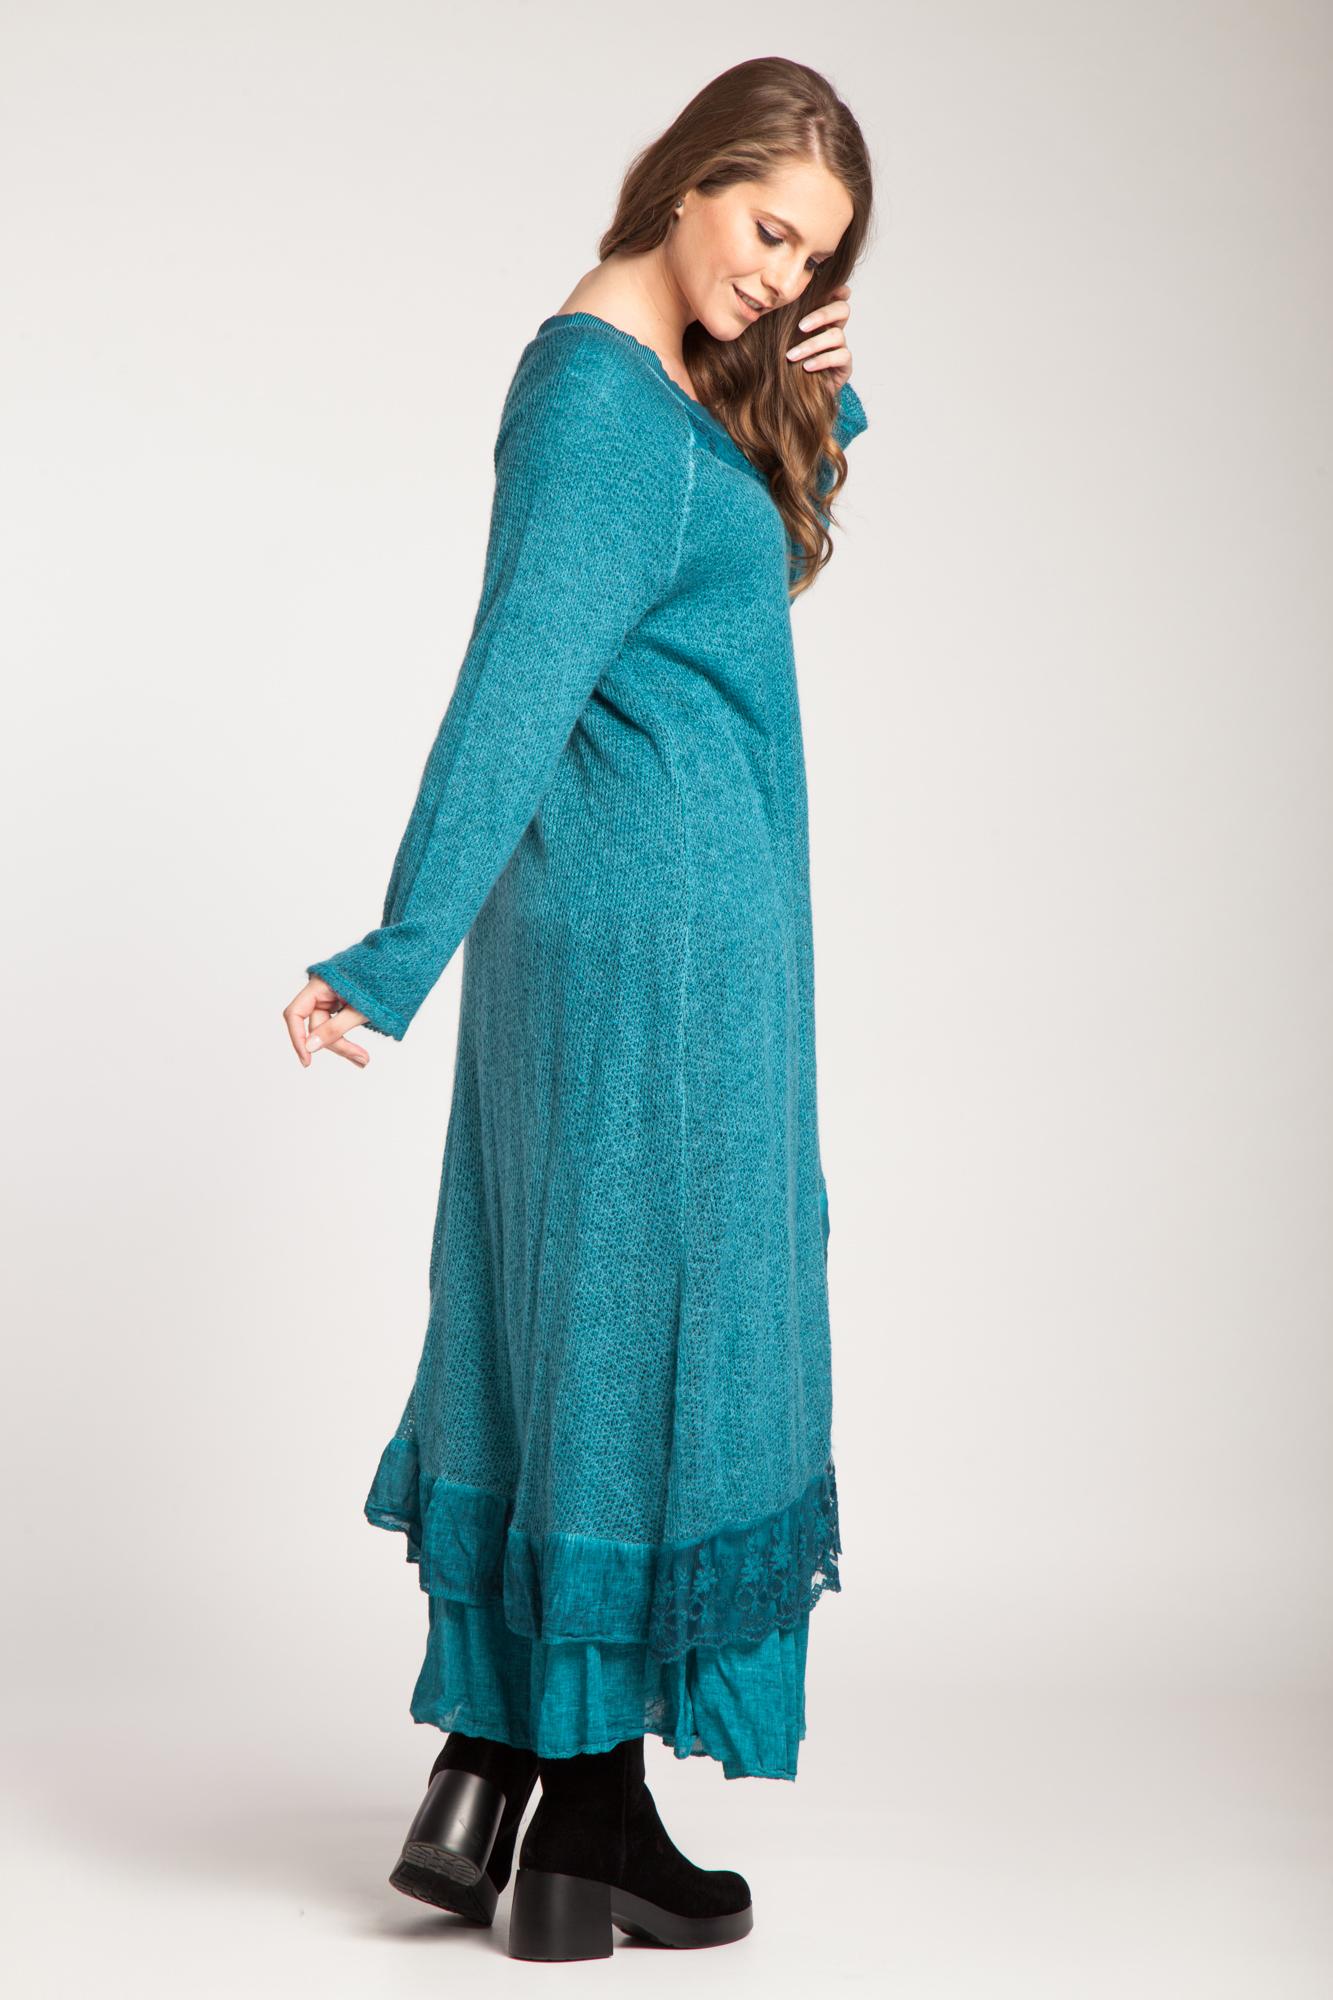 Rochie turcoaz lunga Leila cu dantela